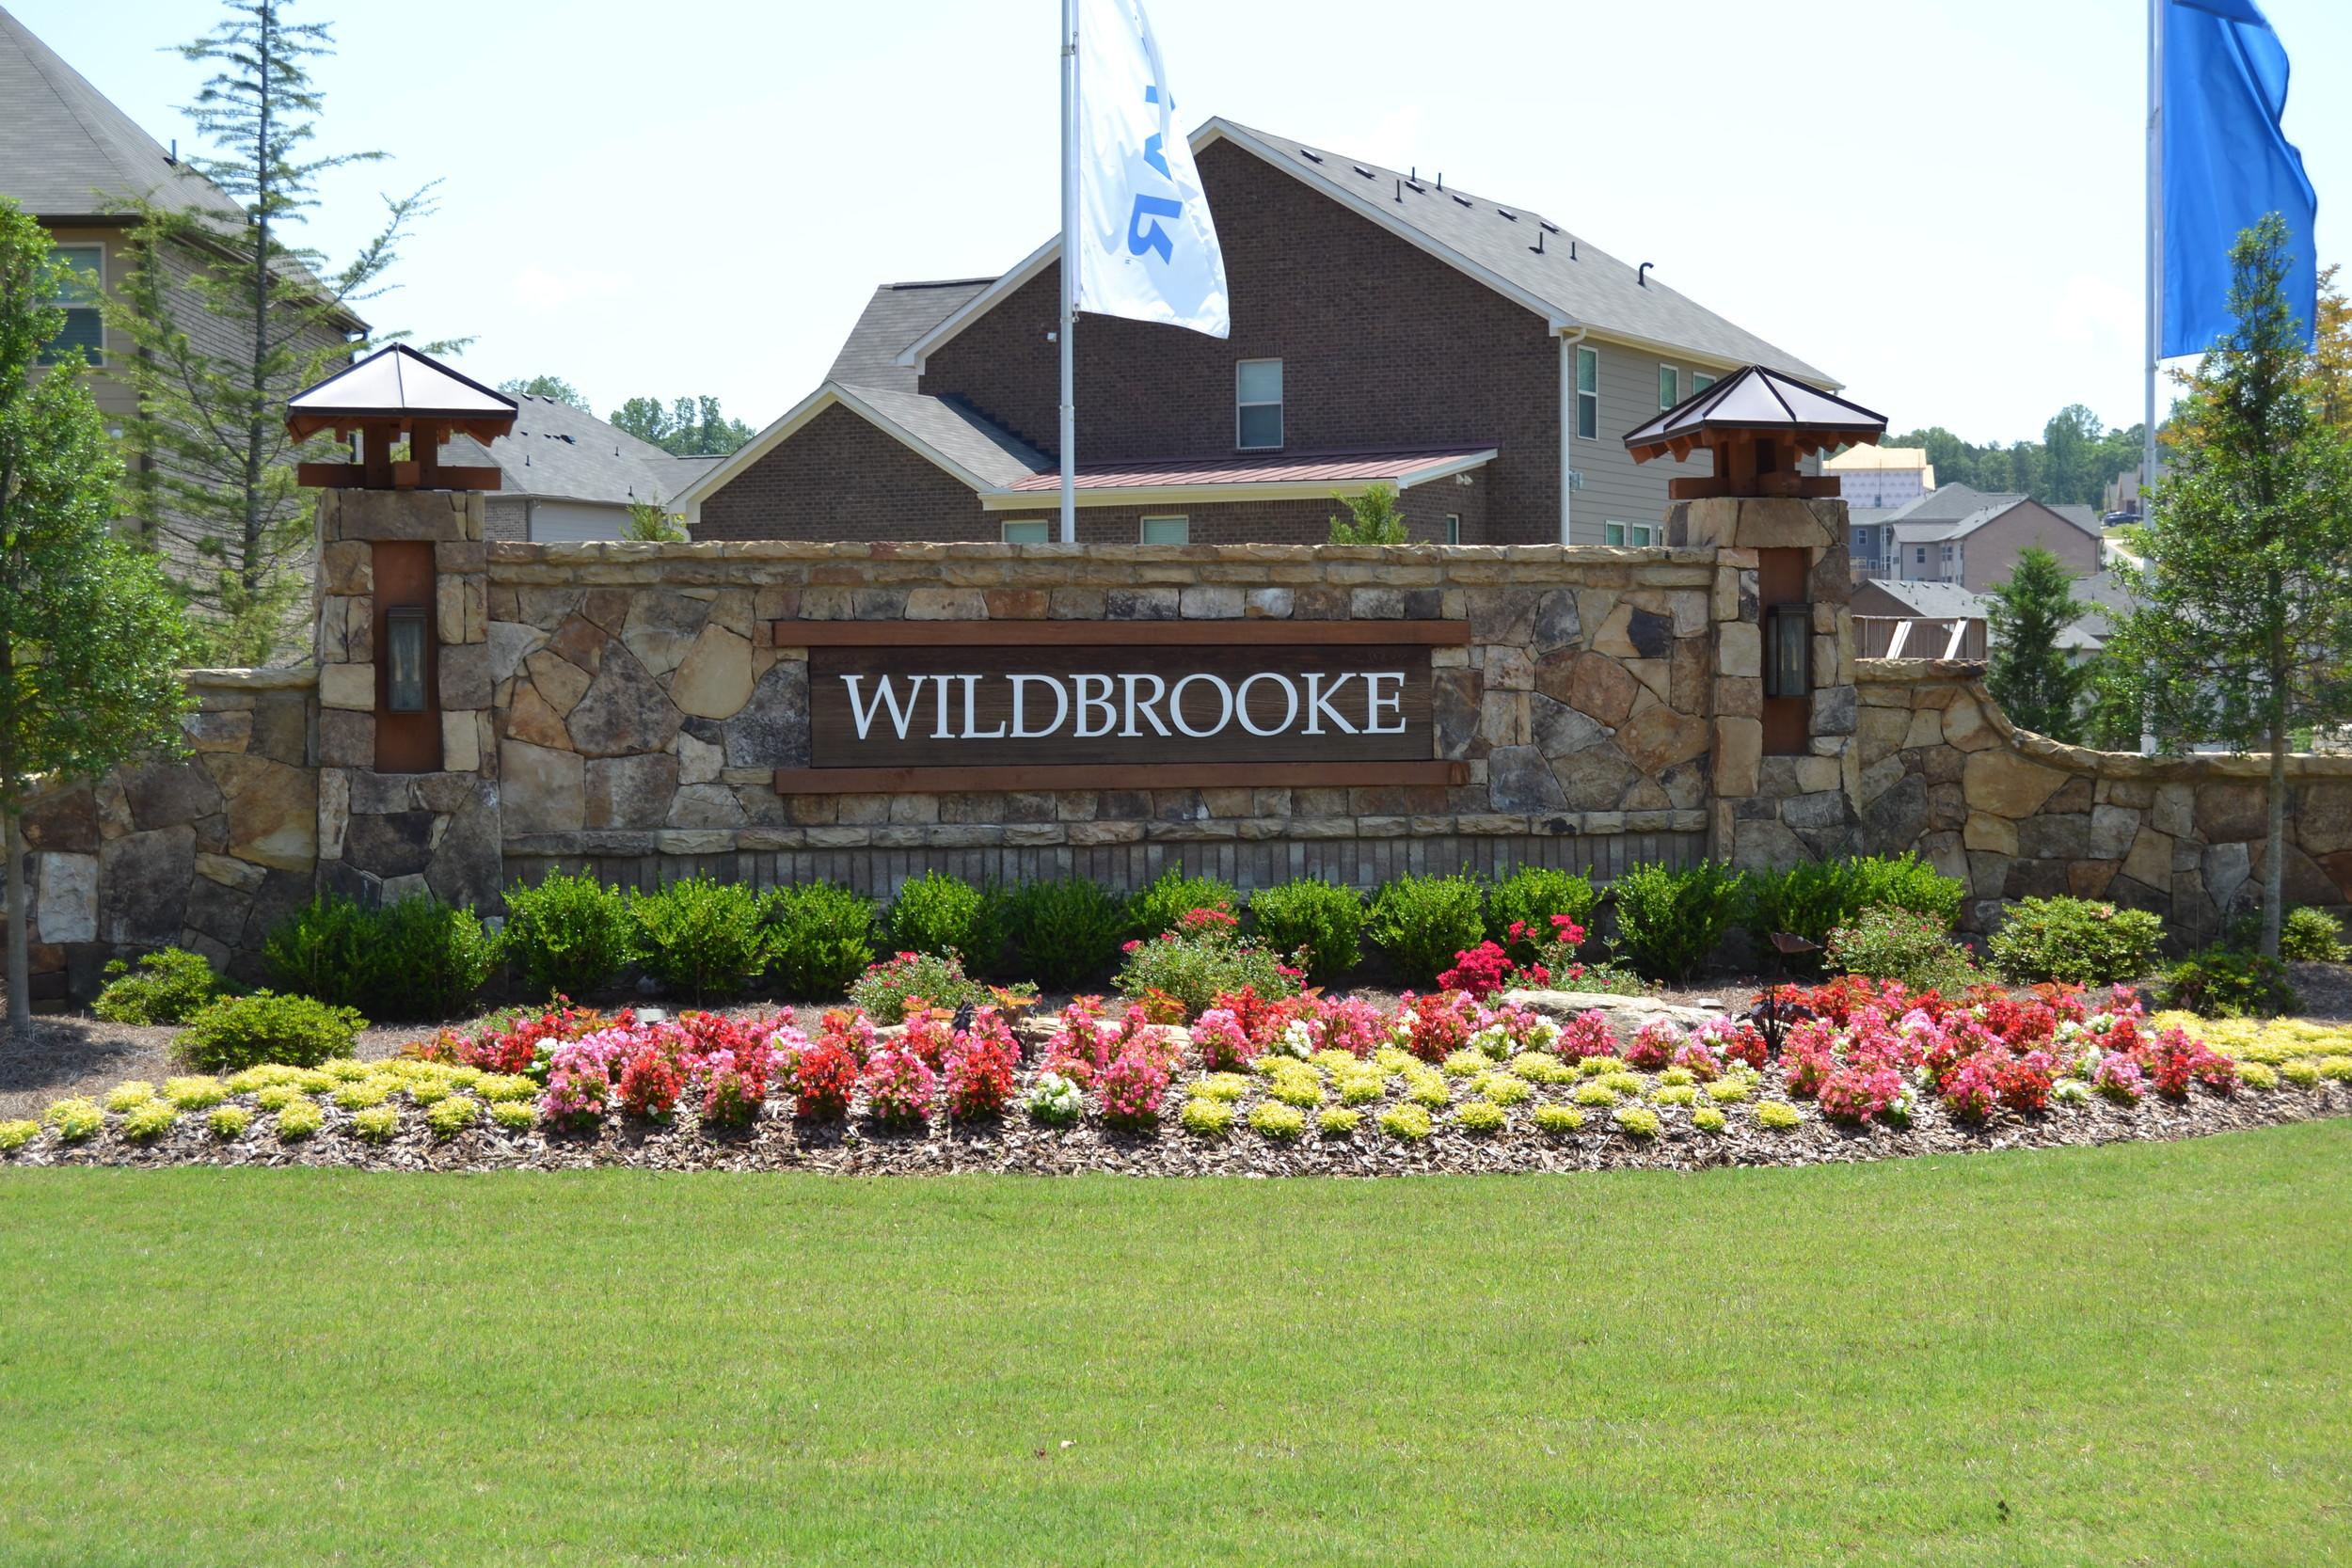 wildbrooke_2.JPG